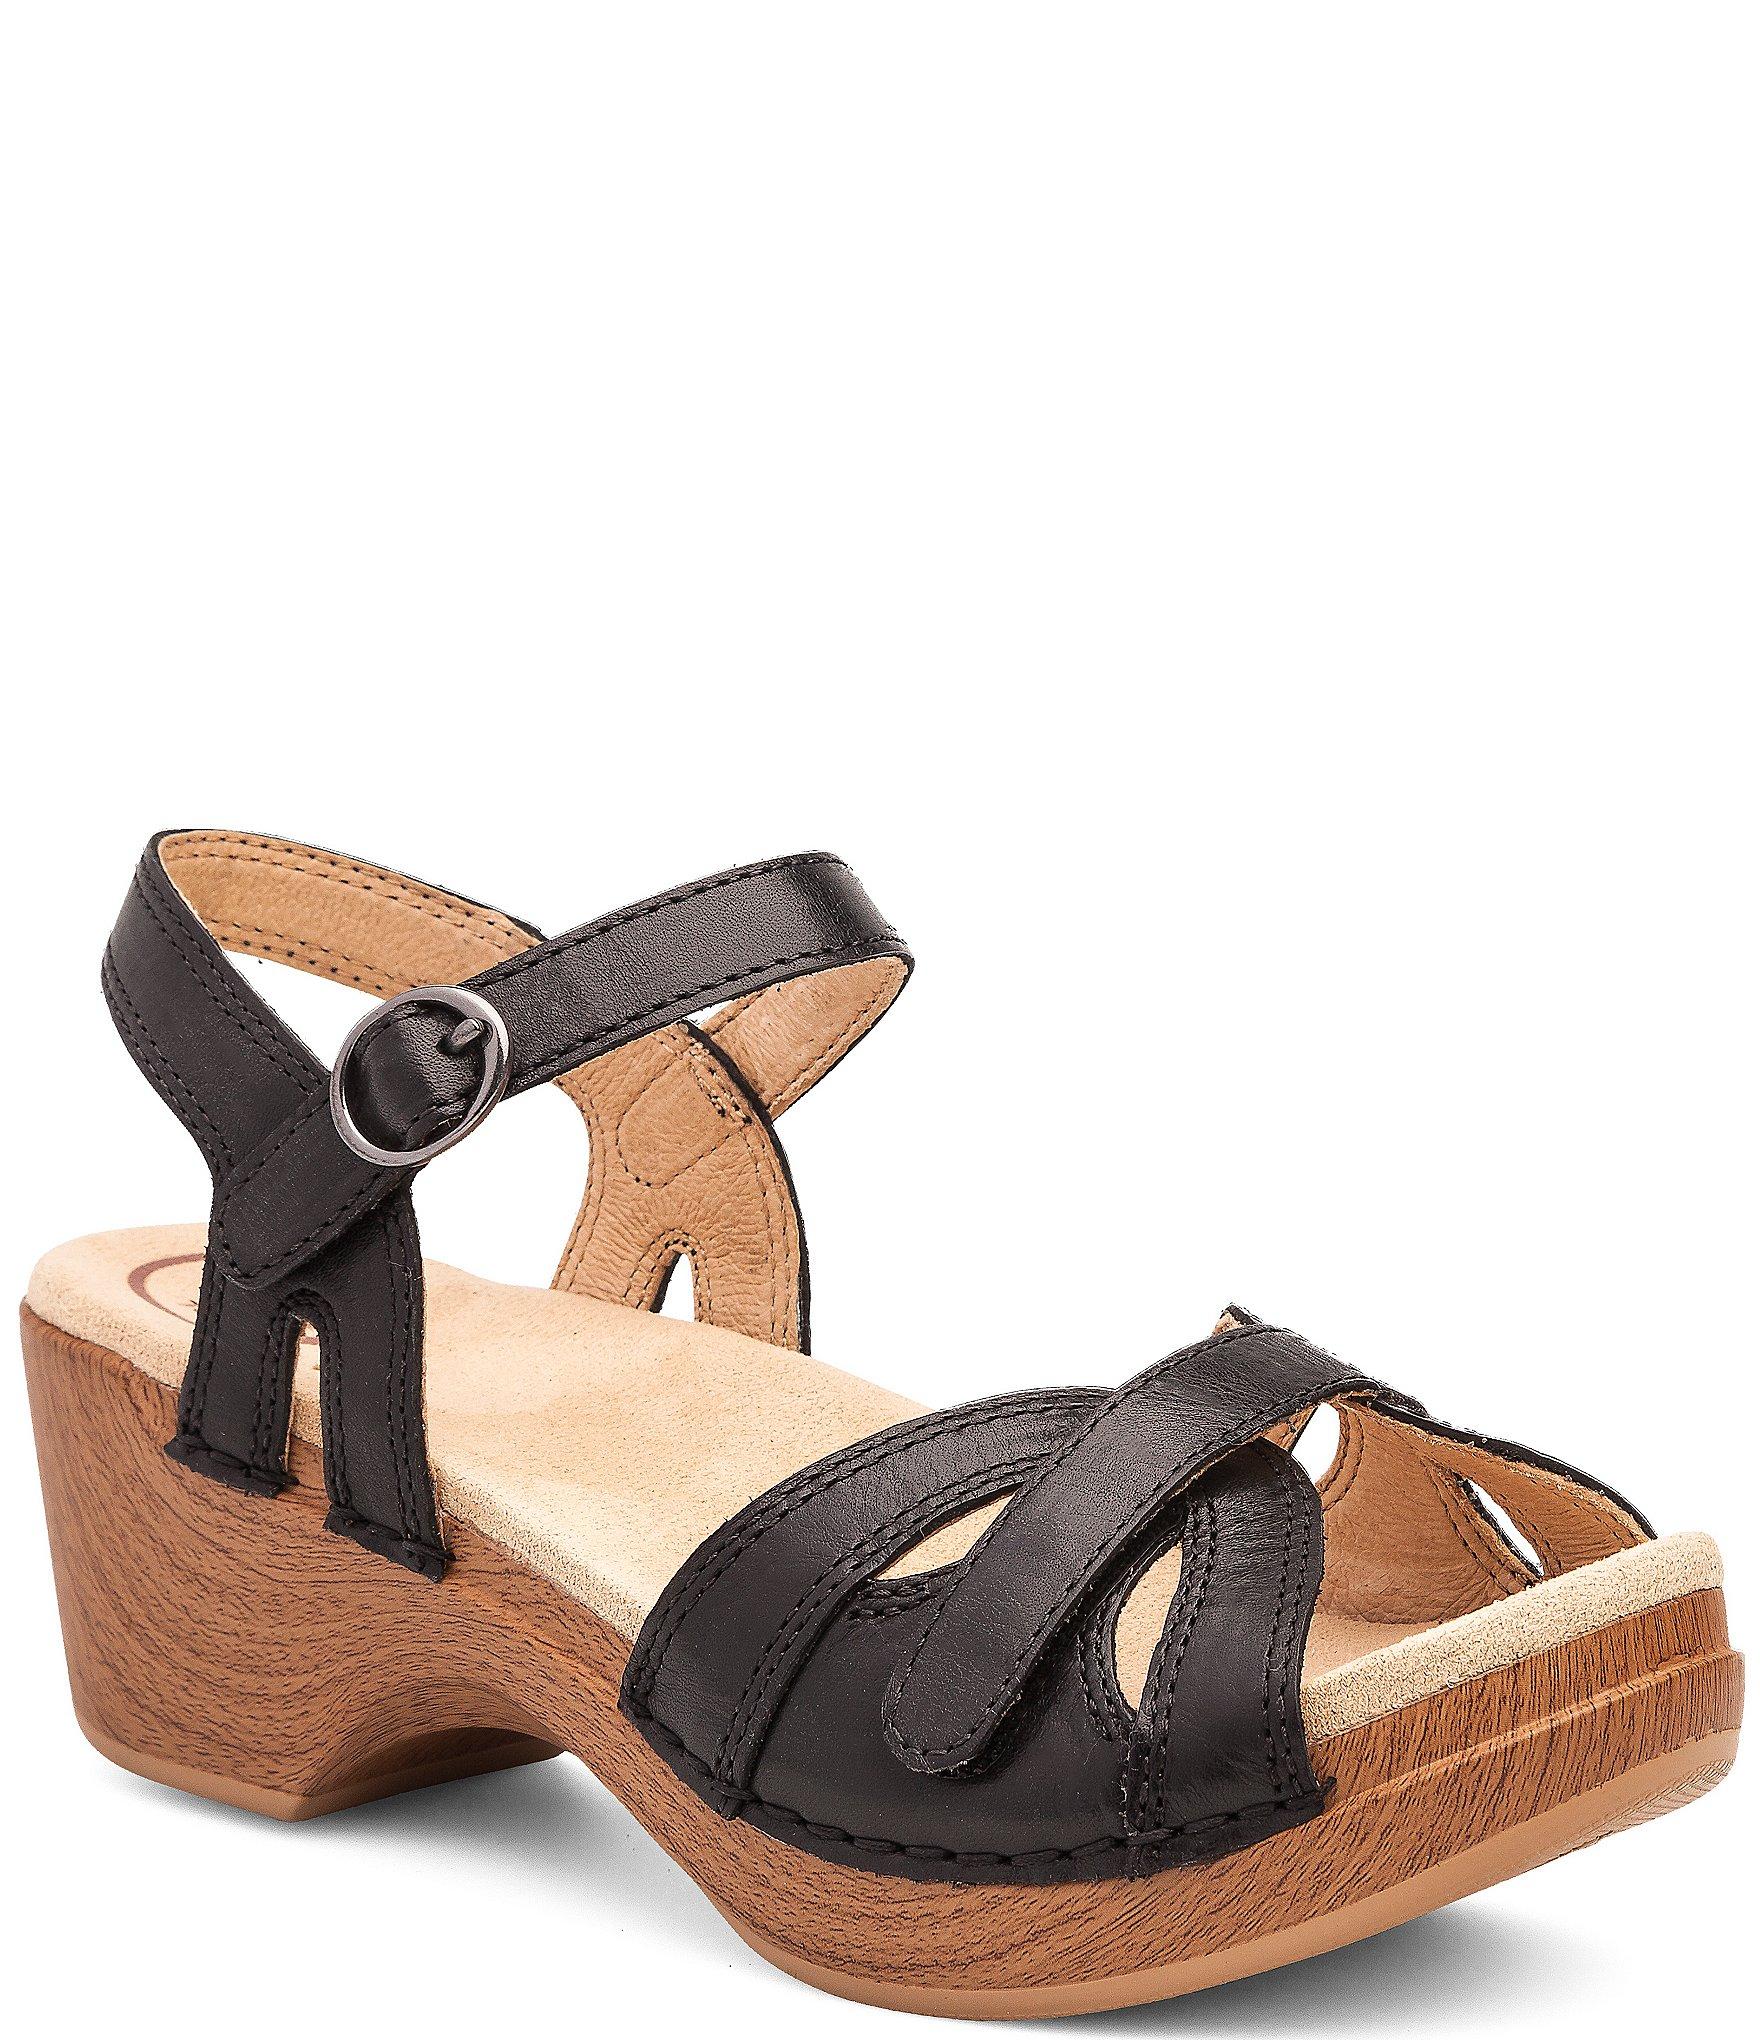 Dansko Shoes | Dillard's